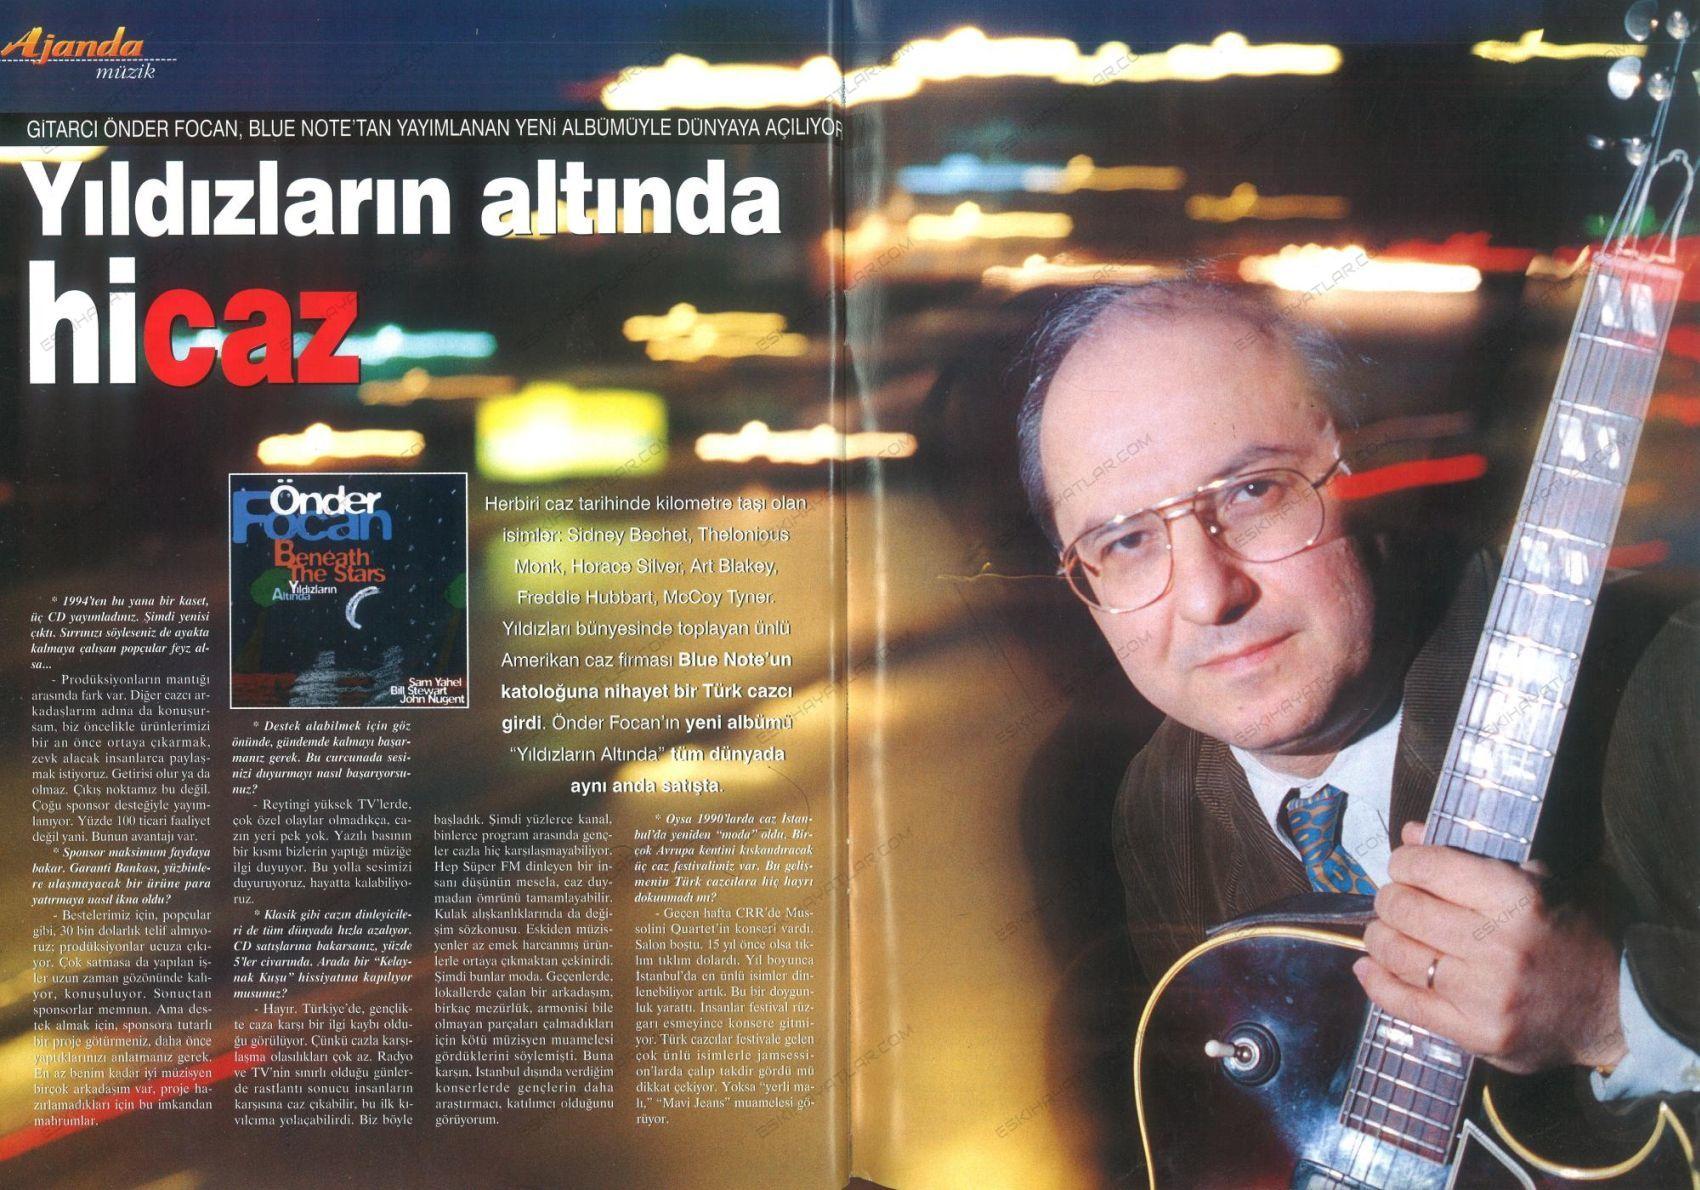 0139-onder-focan-albumleri-yildizlarin-altinda-hicaz-1998-erken-albumu-jazz-guitar-albumu-aktuel-dergisi (1)